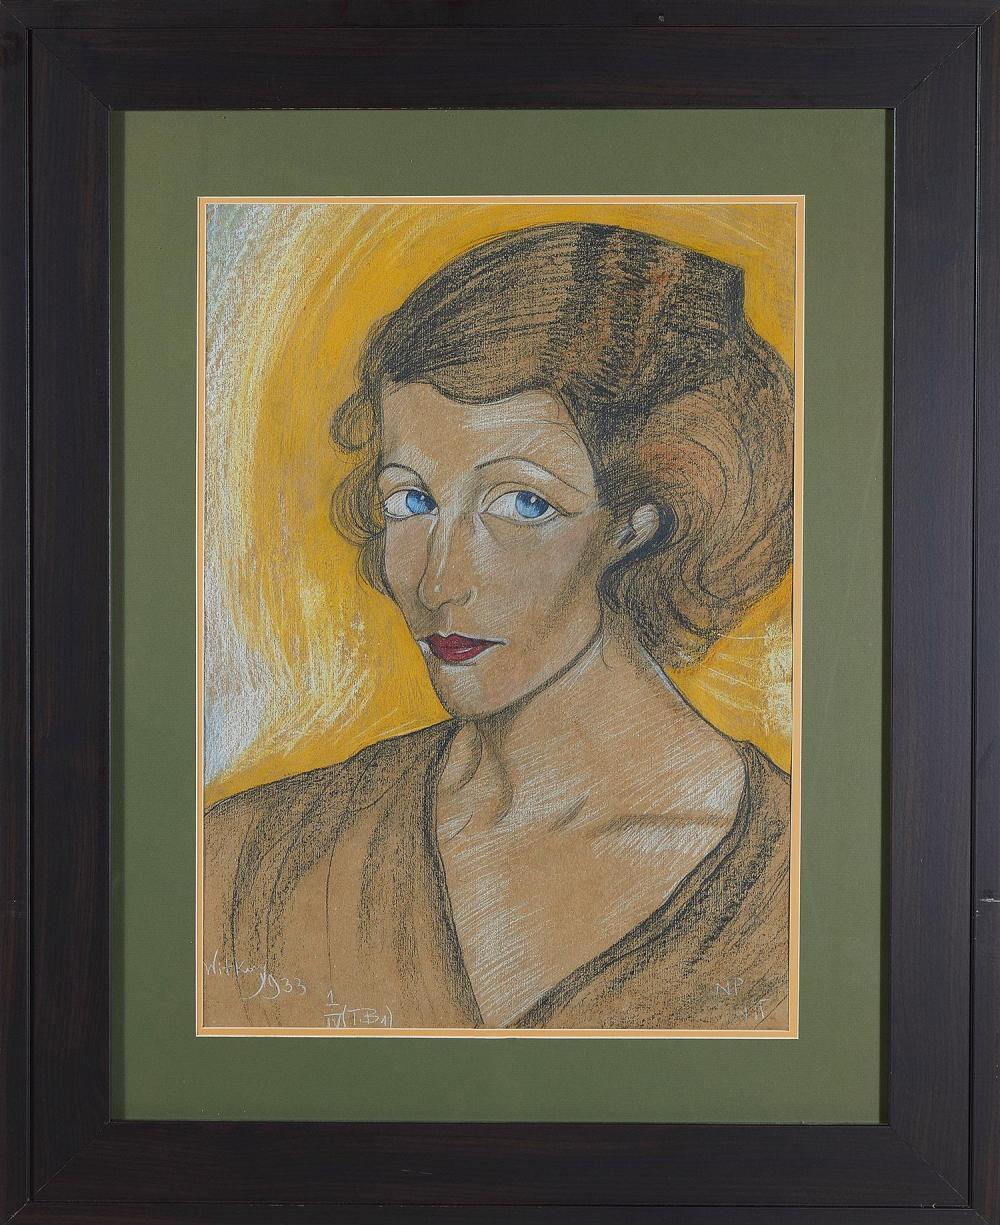 """Stanisław Ignacy Witkiewicz / Witkacy (1885-1939) """"Portret kobiecy, typ B"""", źródło: Charlton Hall"""